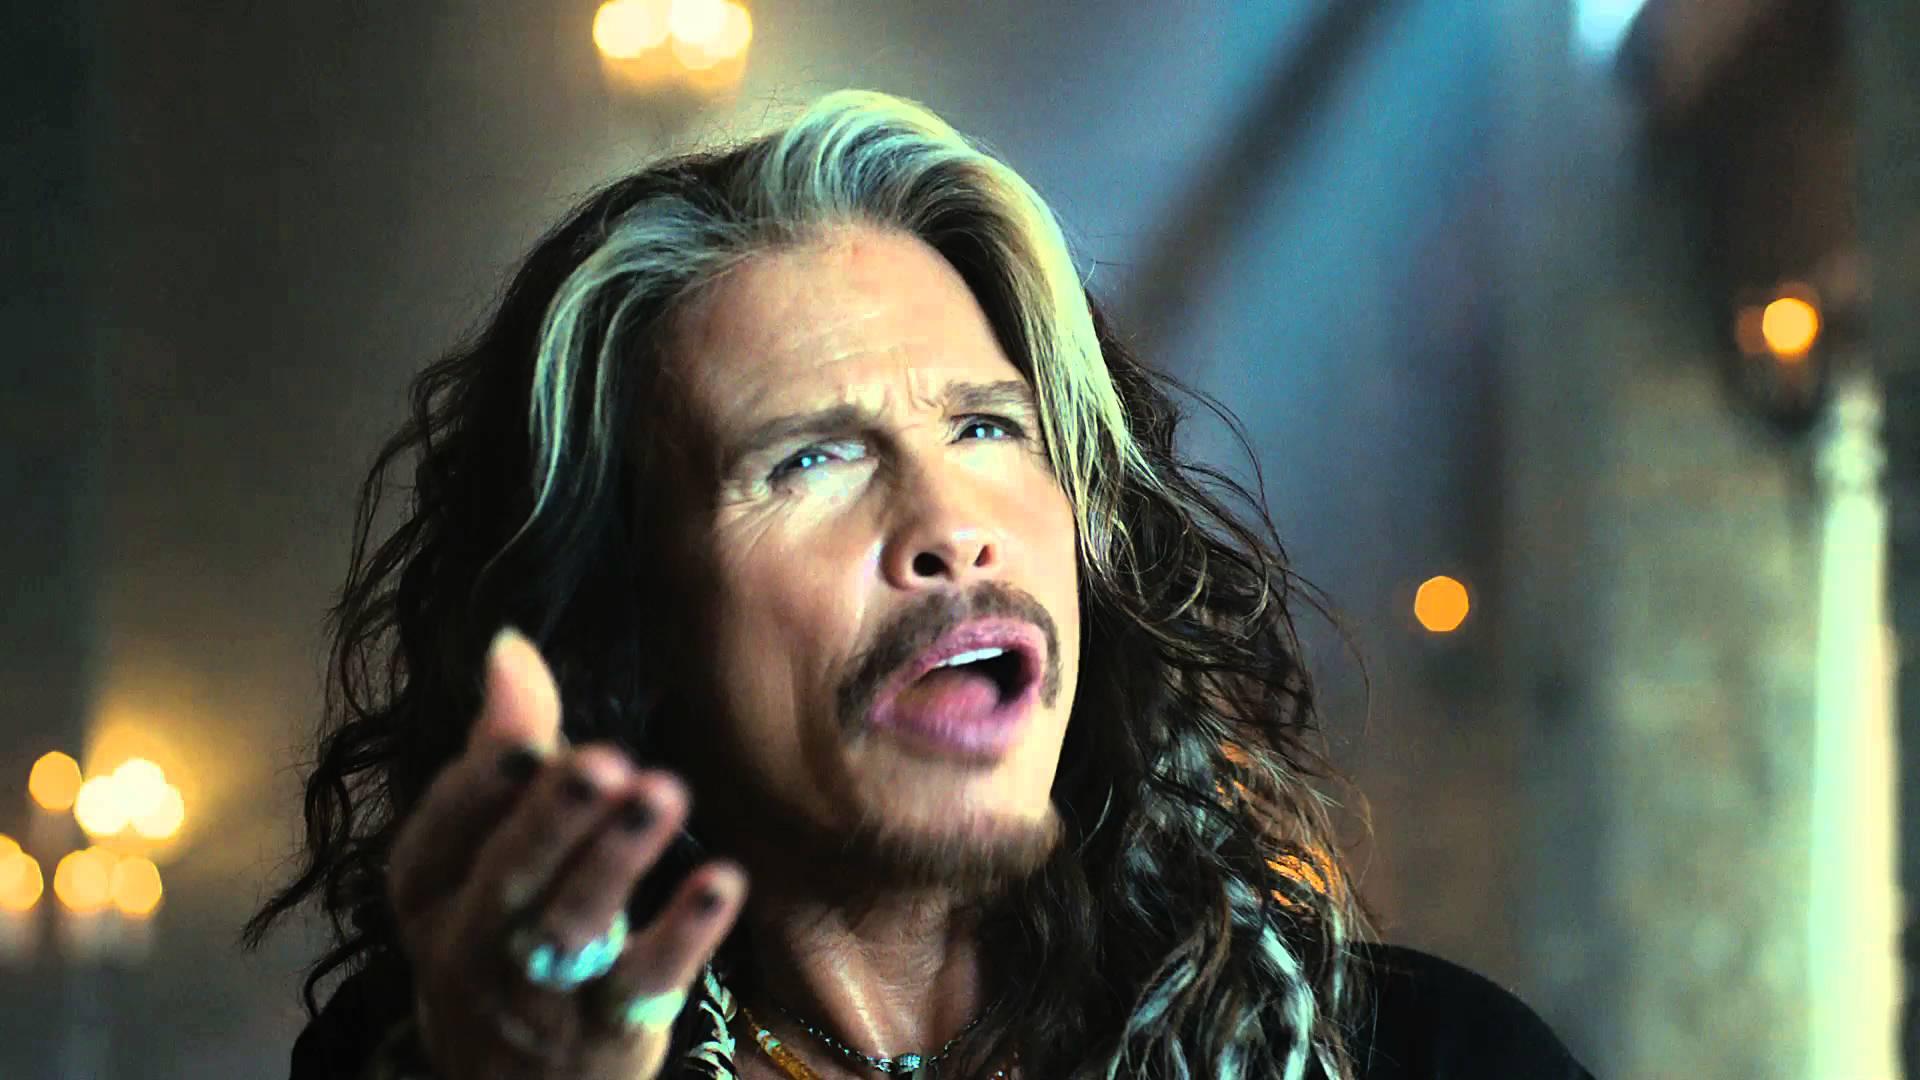 Skittles Steven Tyler Aerosmith Super Bowl 2016